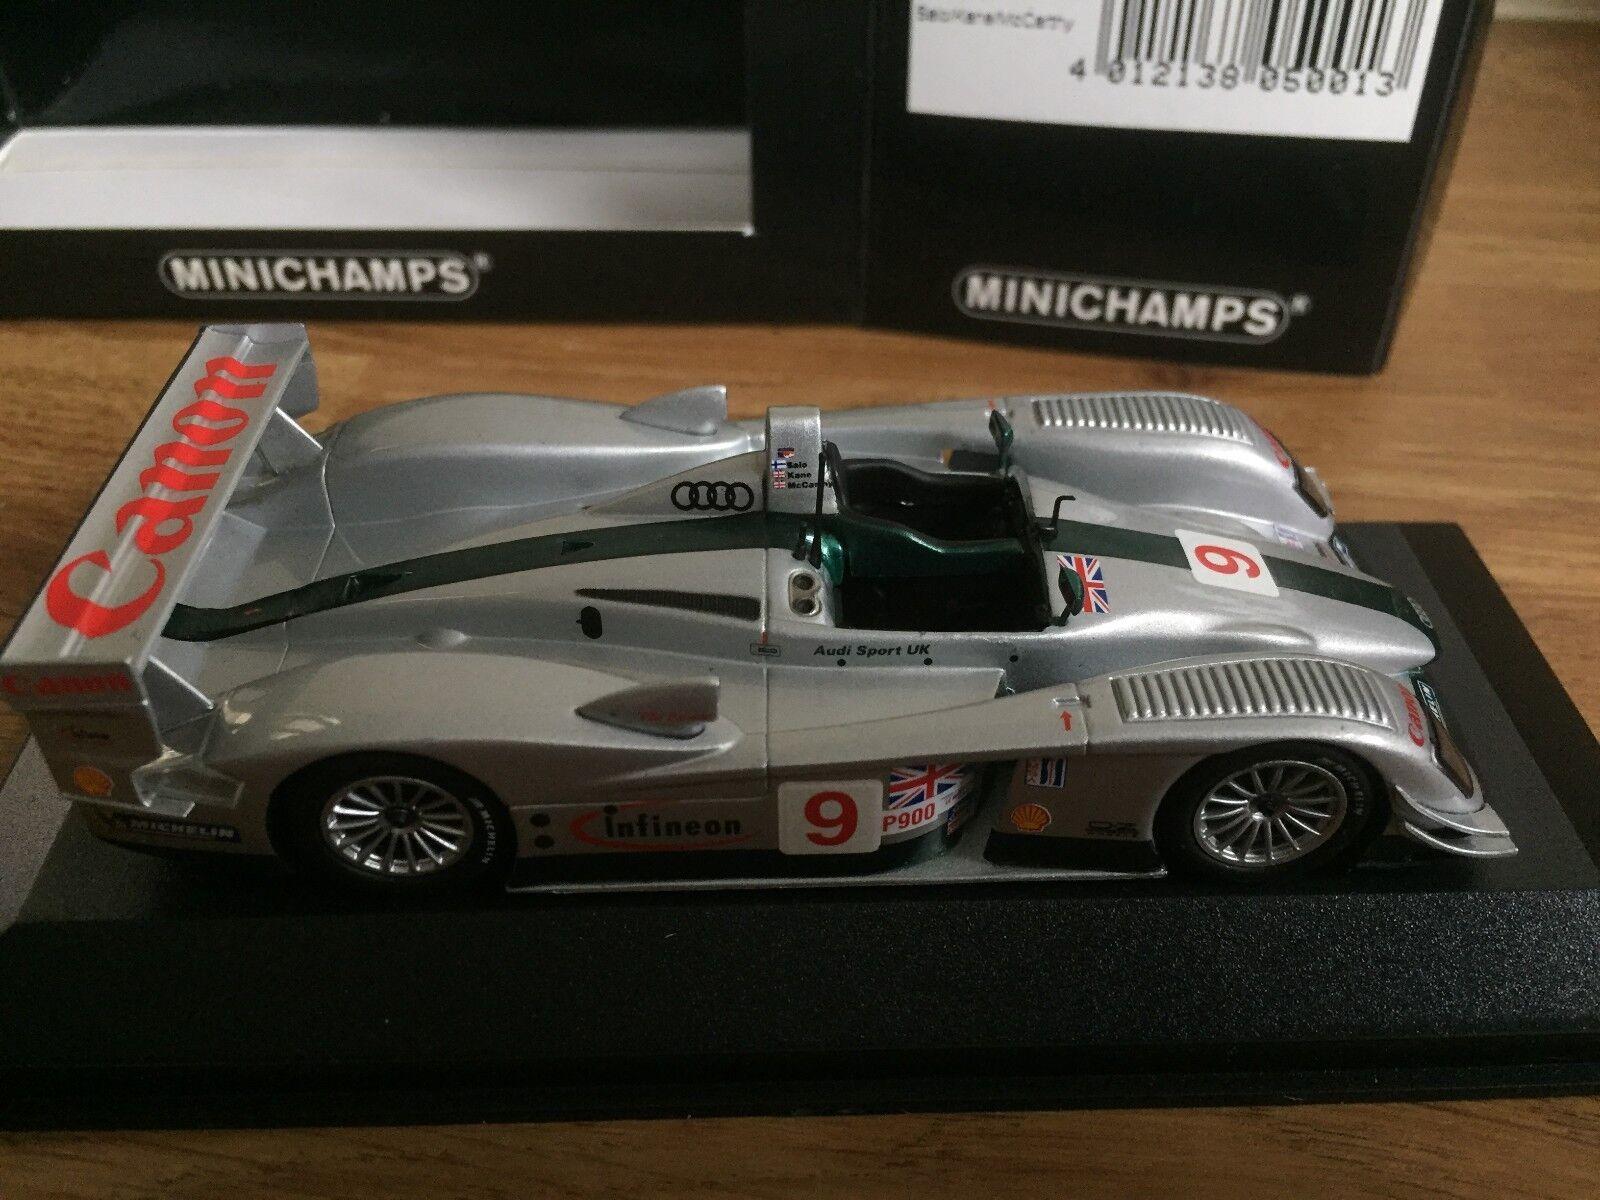 MINICHAMPS Sebring 2003 - Audi R8 - - - 1 43 Modèle À L'échelle - 430 031399 96527b